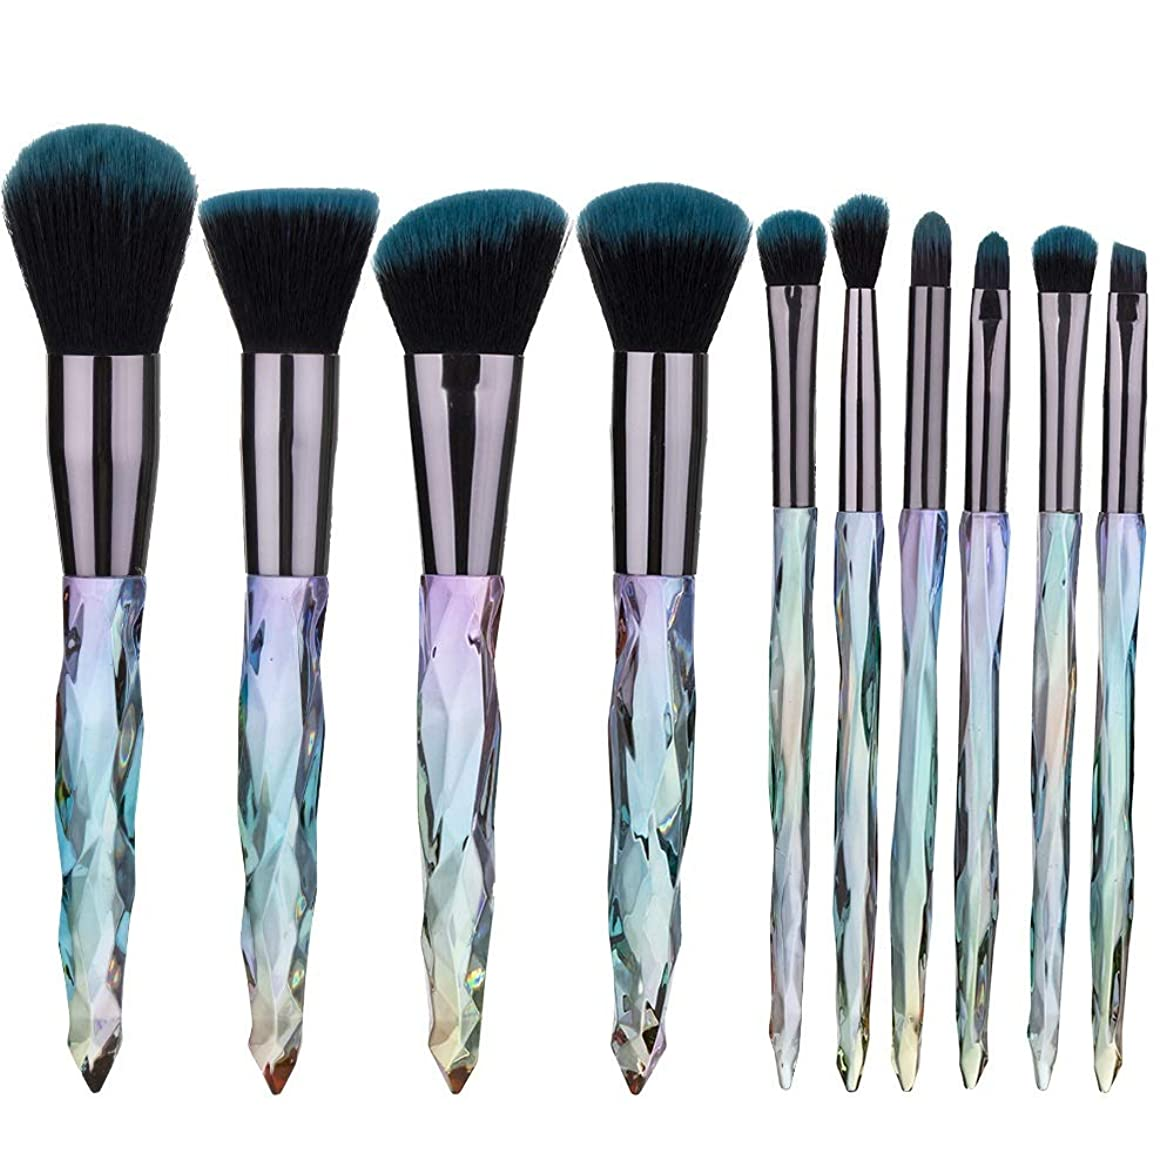 引き受けるくすぐったい文句を言うZHILI 化粧ブラシセット、合成繊維で10ピースpvcハンドル化粧ブラシアイシャドウブラシ赤面ブラシポータブル化粧道具 (Color : Blue)